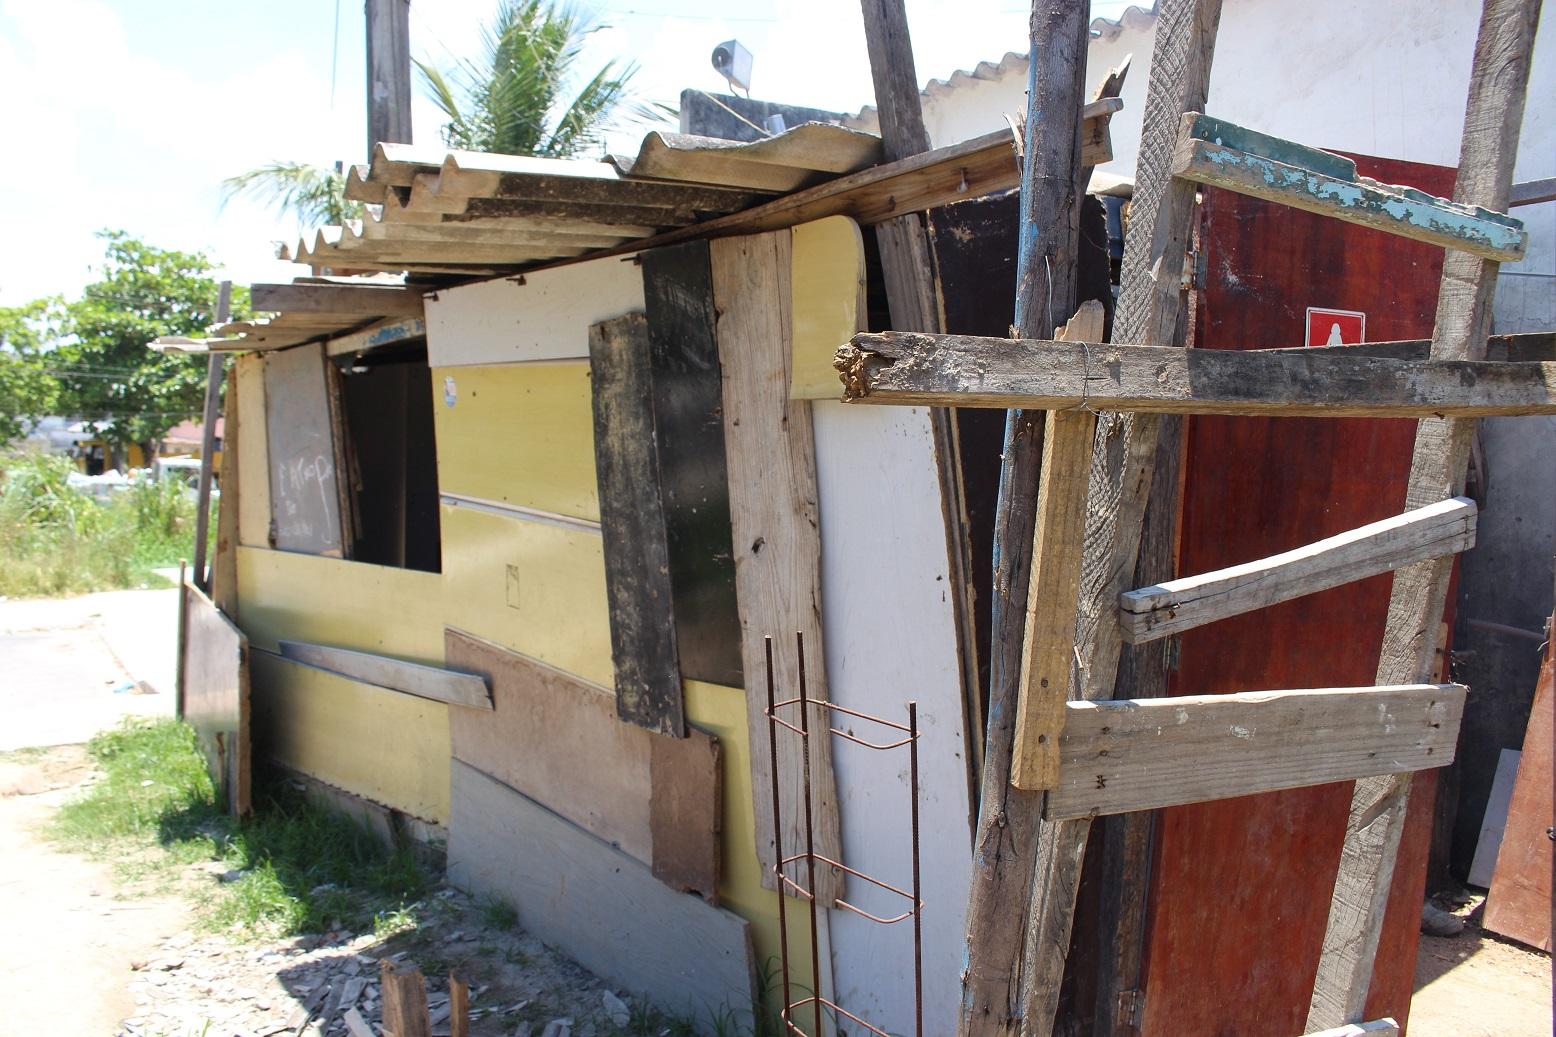 Barraco feito com restos de materiais na área apelidada de Portelinha em Antares. Foto: Yuri Fernandes